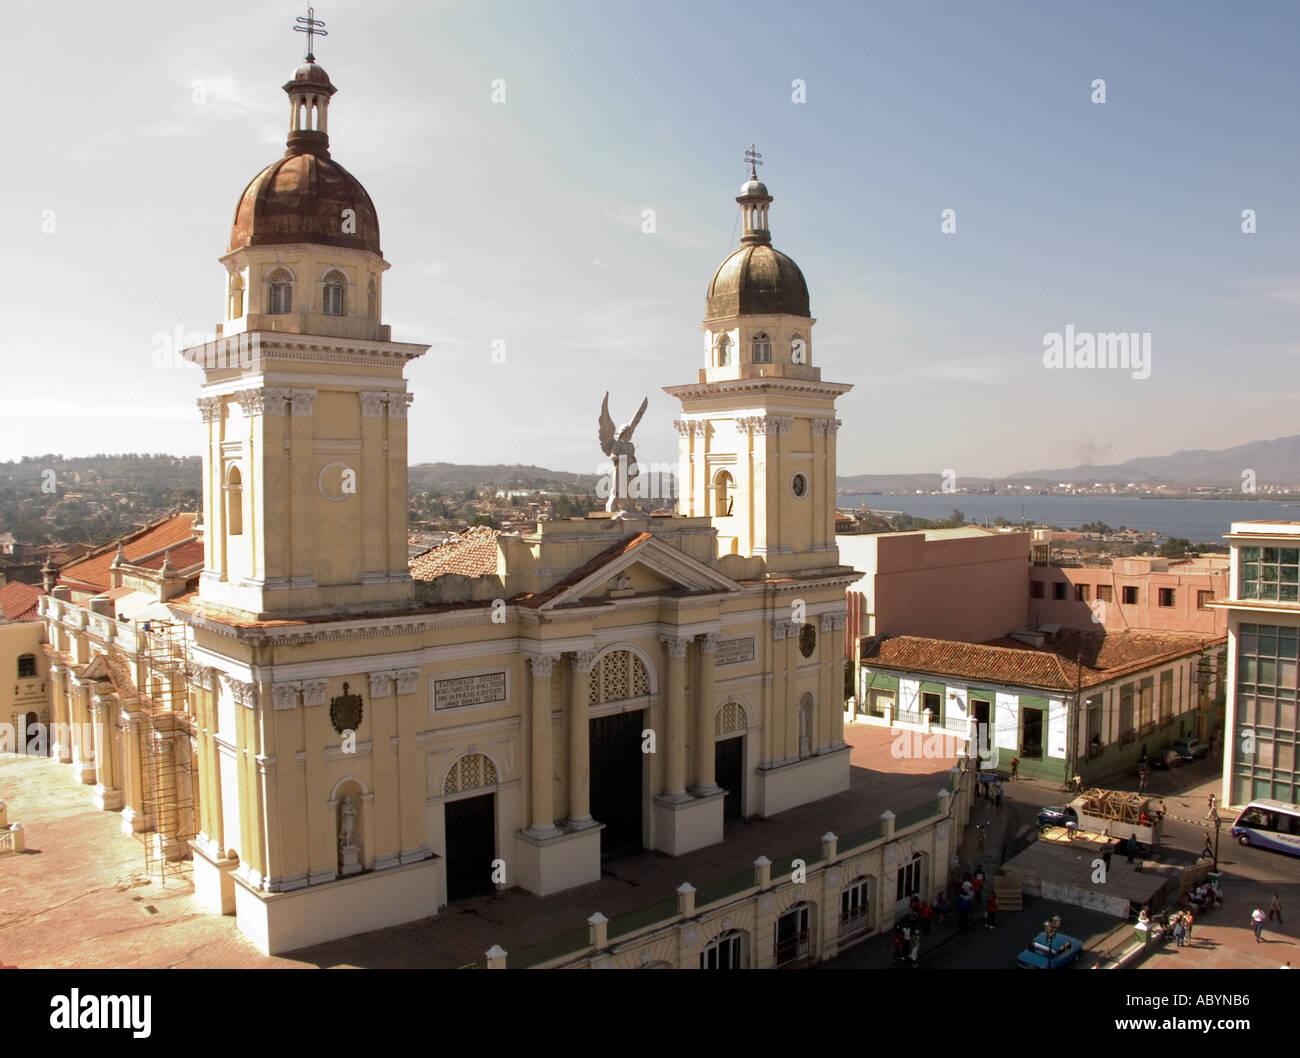 Catedral De Nuestra Senora De La Asuncion In Santiago De Cuba Stock Photo, Ro...